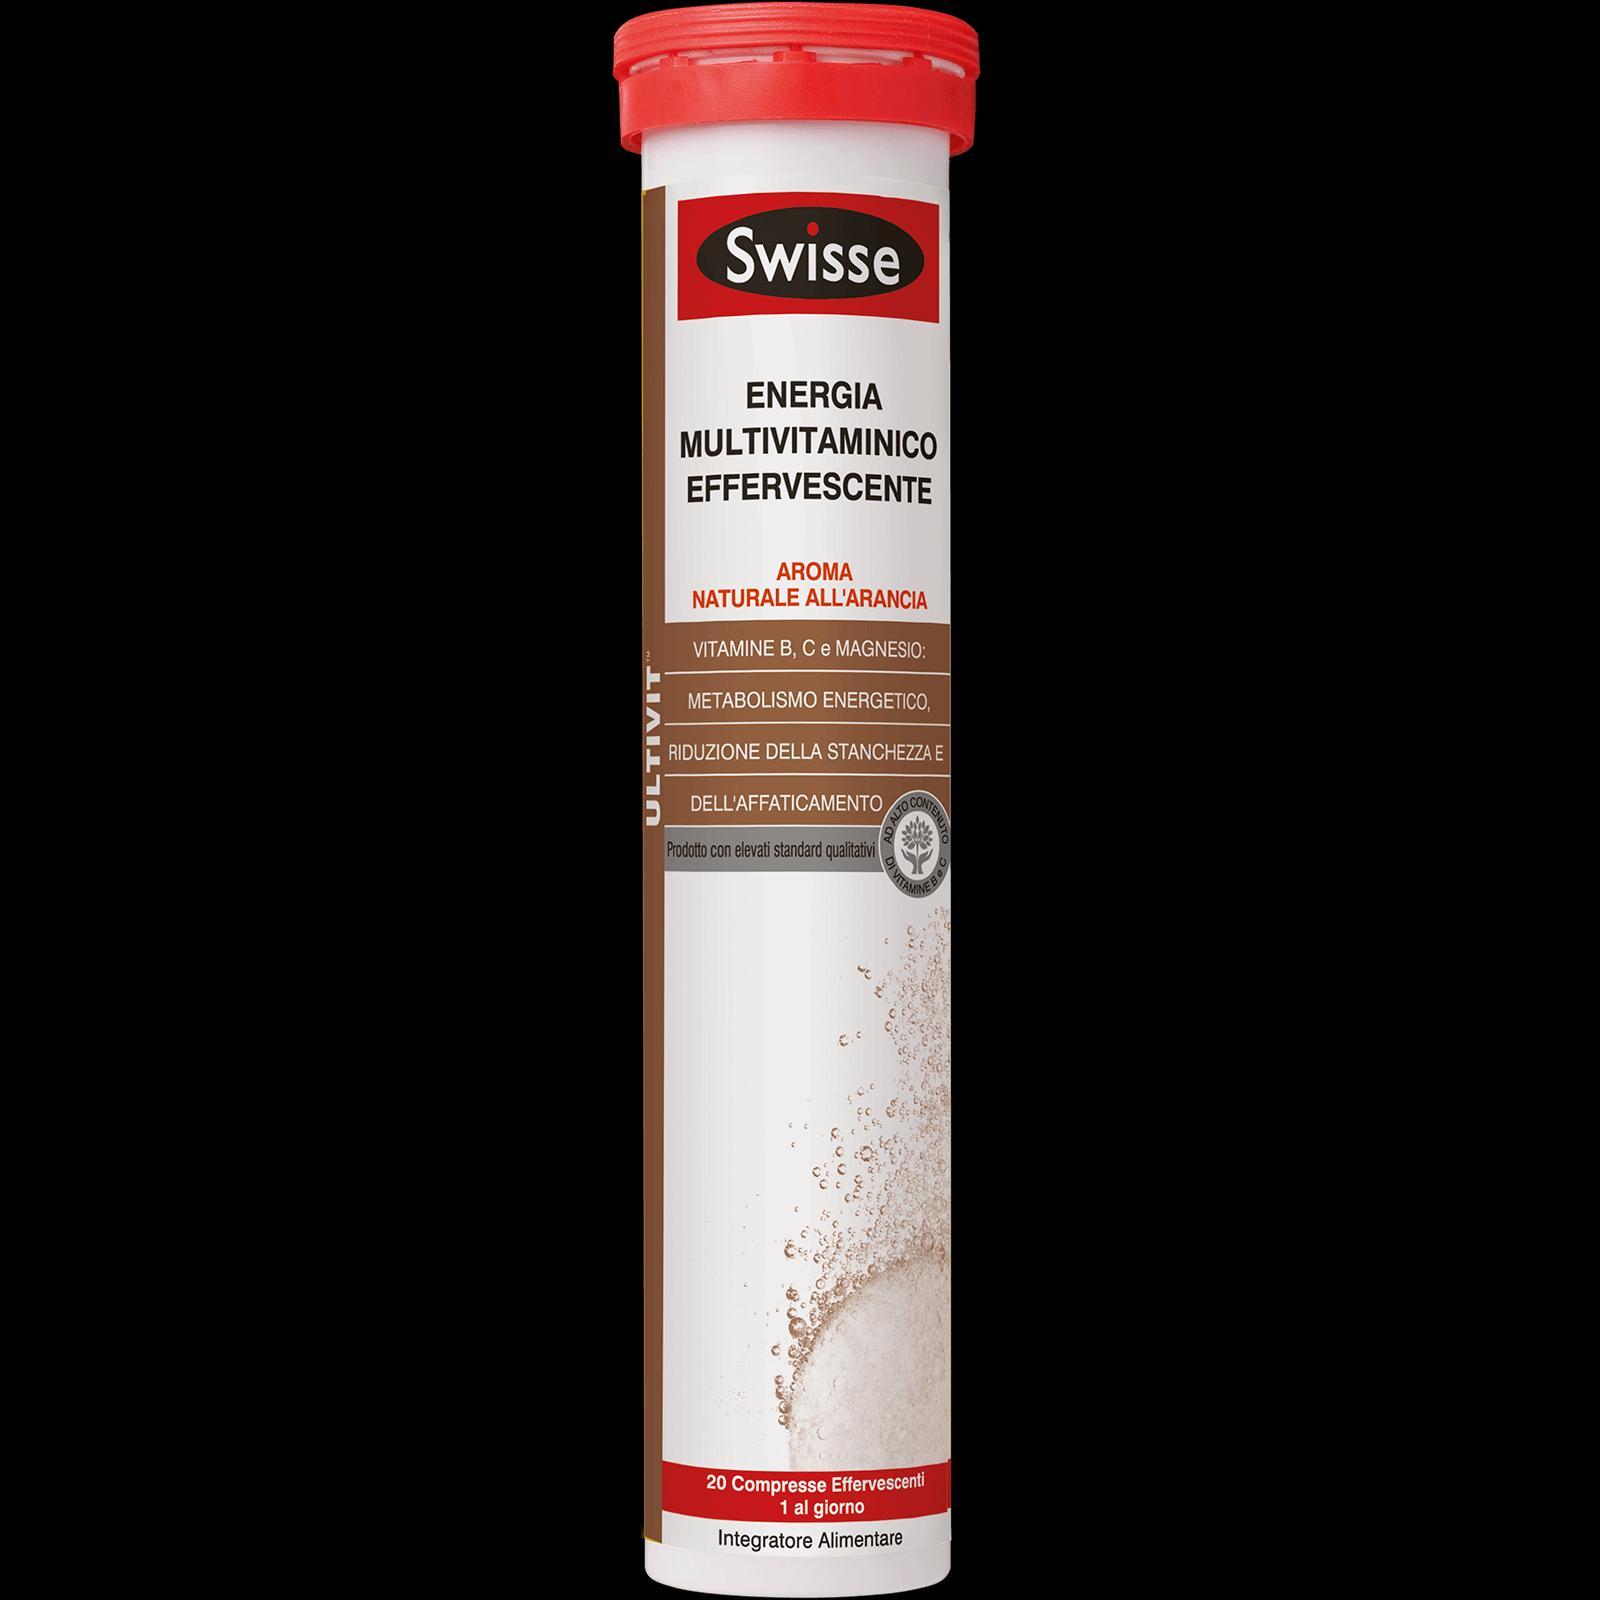 SWISSE ENERGIA EFFERVESCENTE - INTEGRATORE MULTIVITAMINICO ENERGIZZANTE 20 COMPRESSE